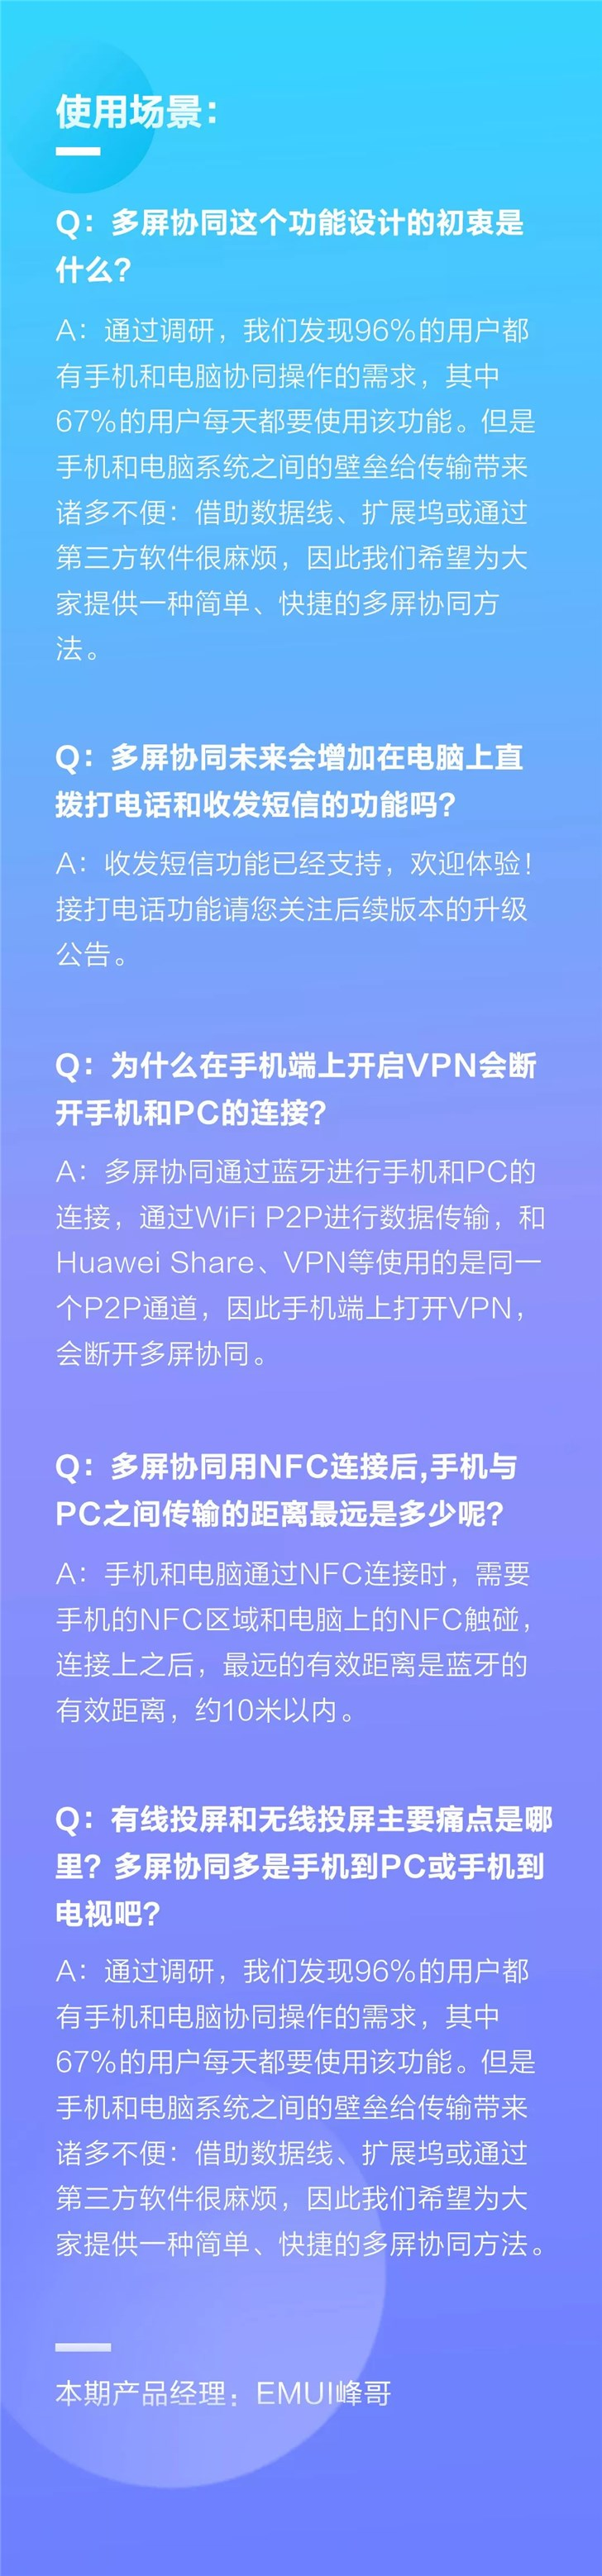 华为多屏协同官方详细解答:仅支持麒麟980及以上机型